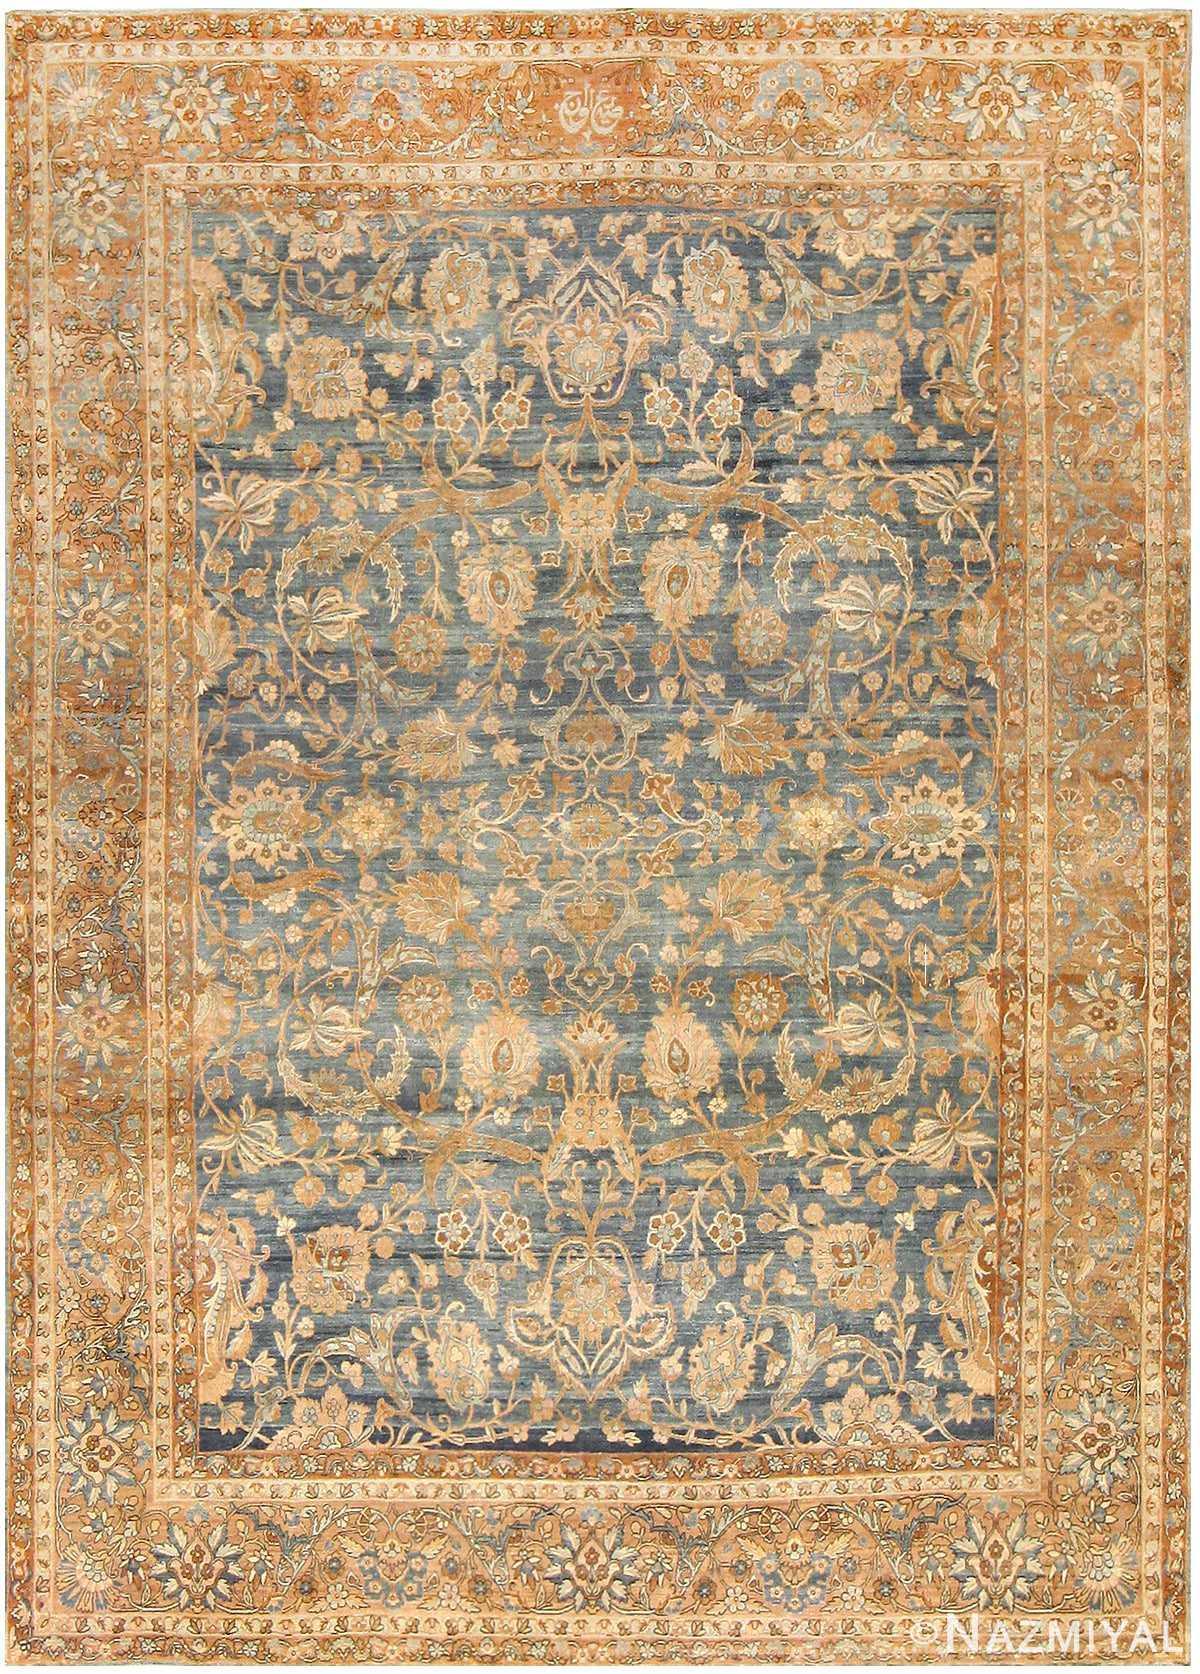 Antique Persian Kerman Rug 47316 Detail/Large View